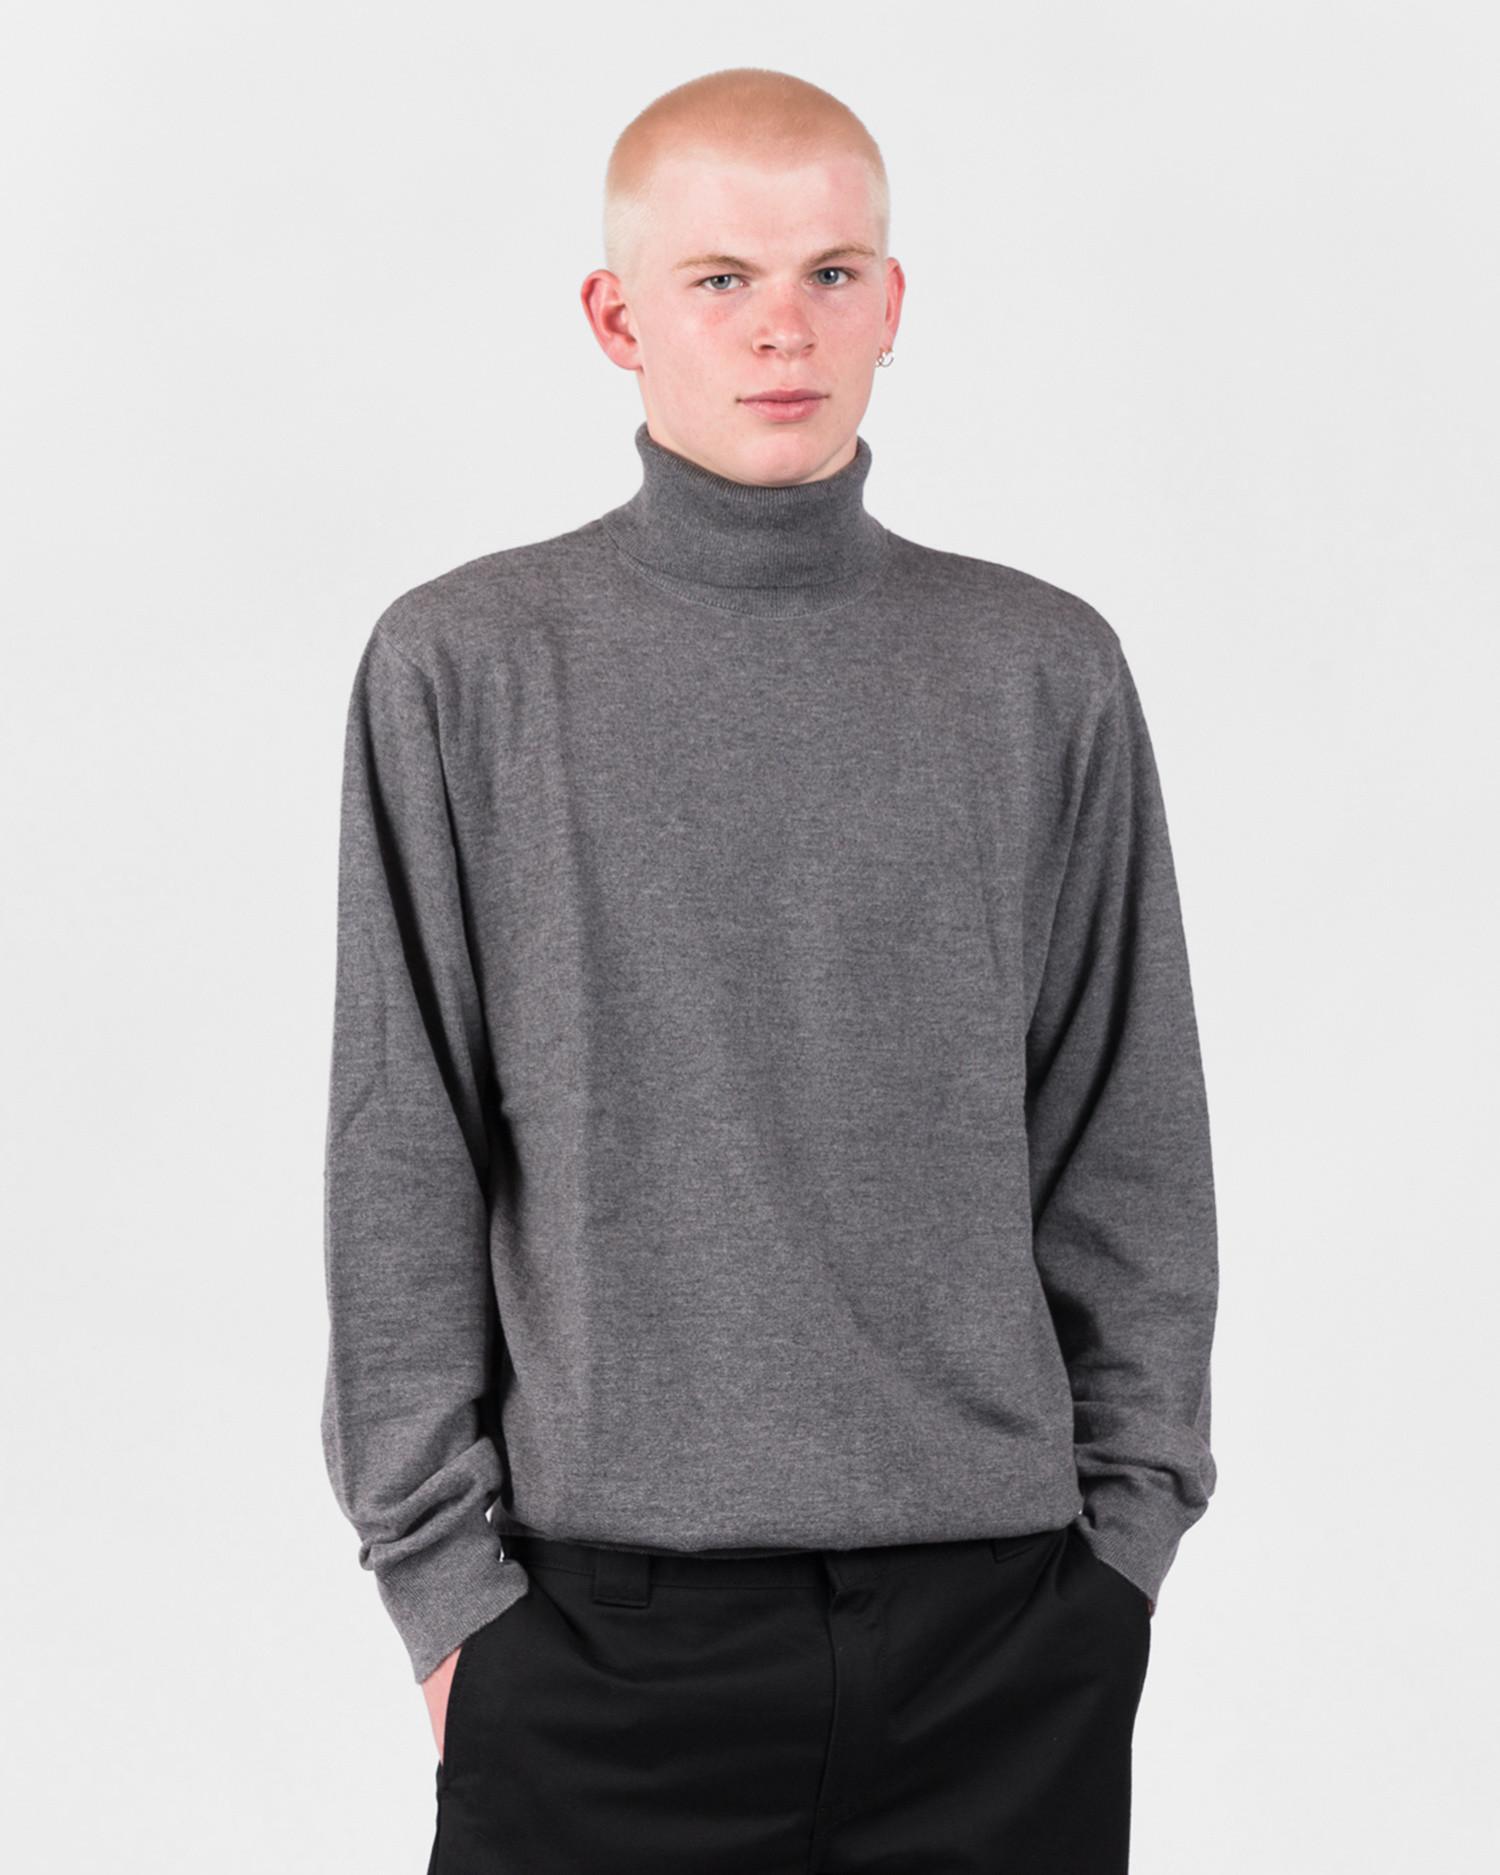 Carhartt Playoff Turtleneck Sweater Dark Grey Heather